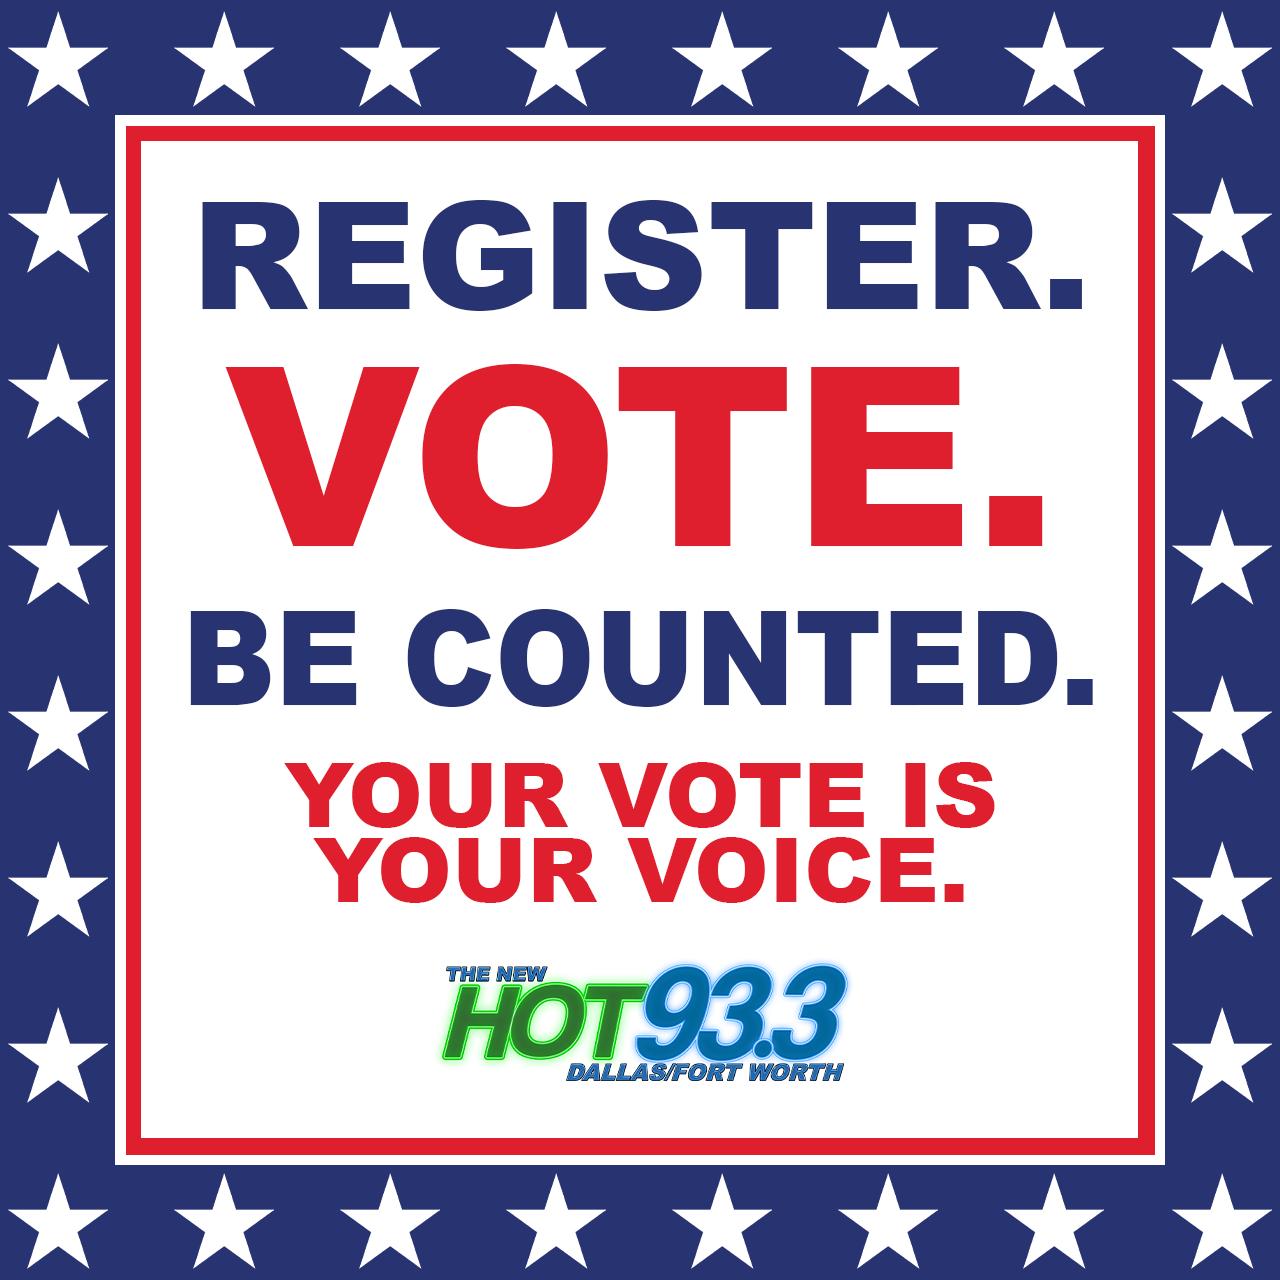 HOT_Vote_311